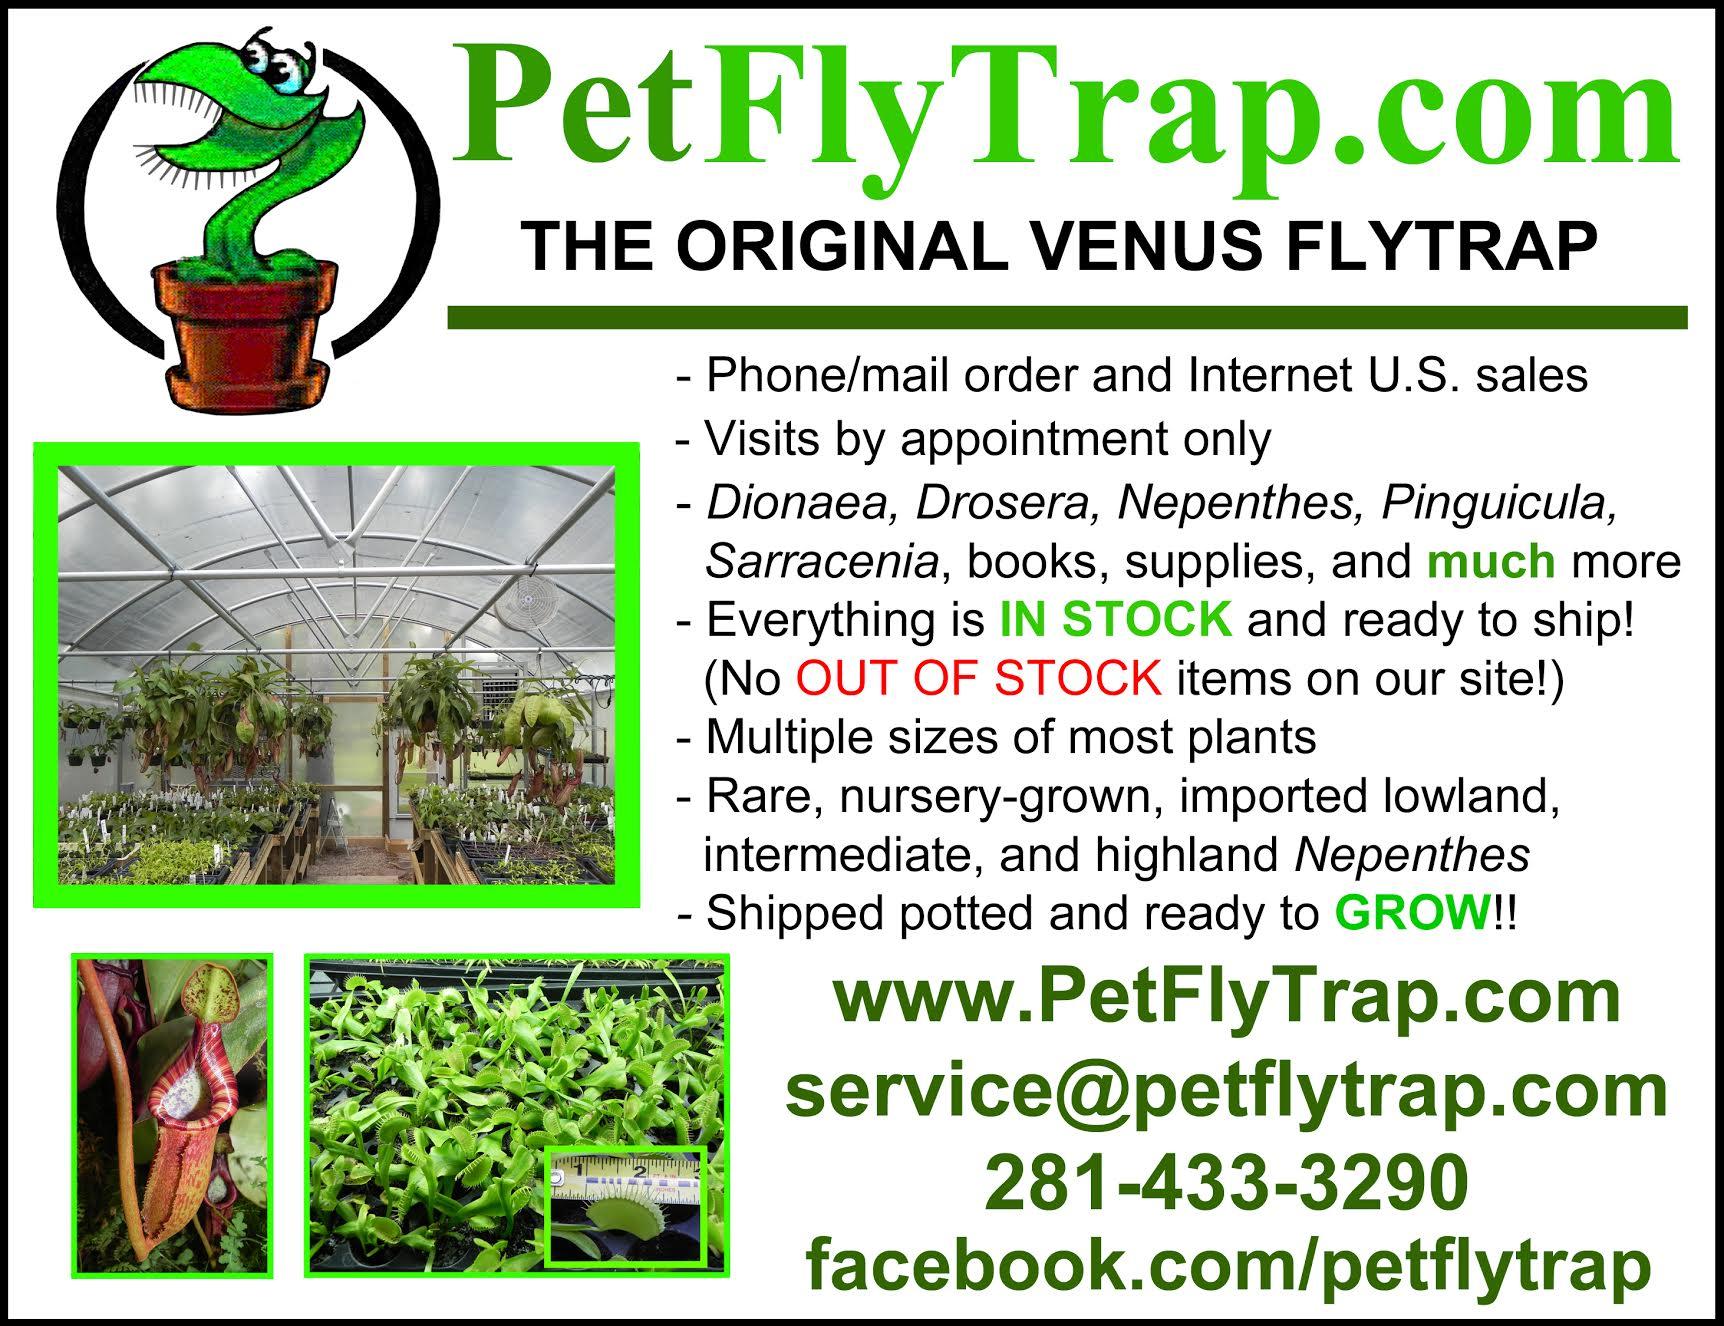 Petflytrap